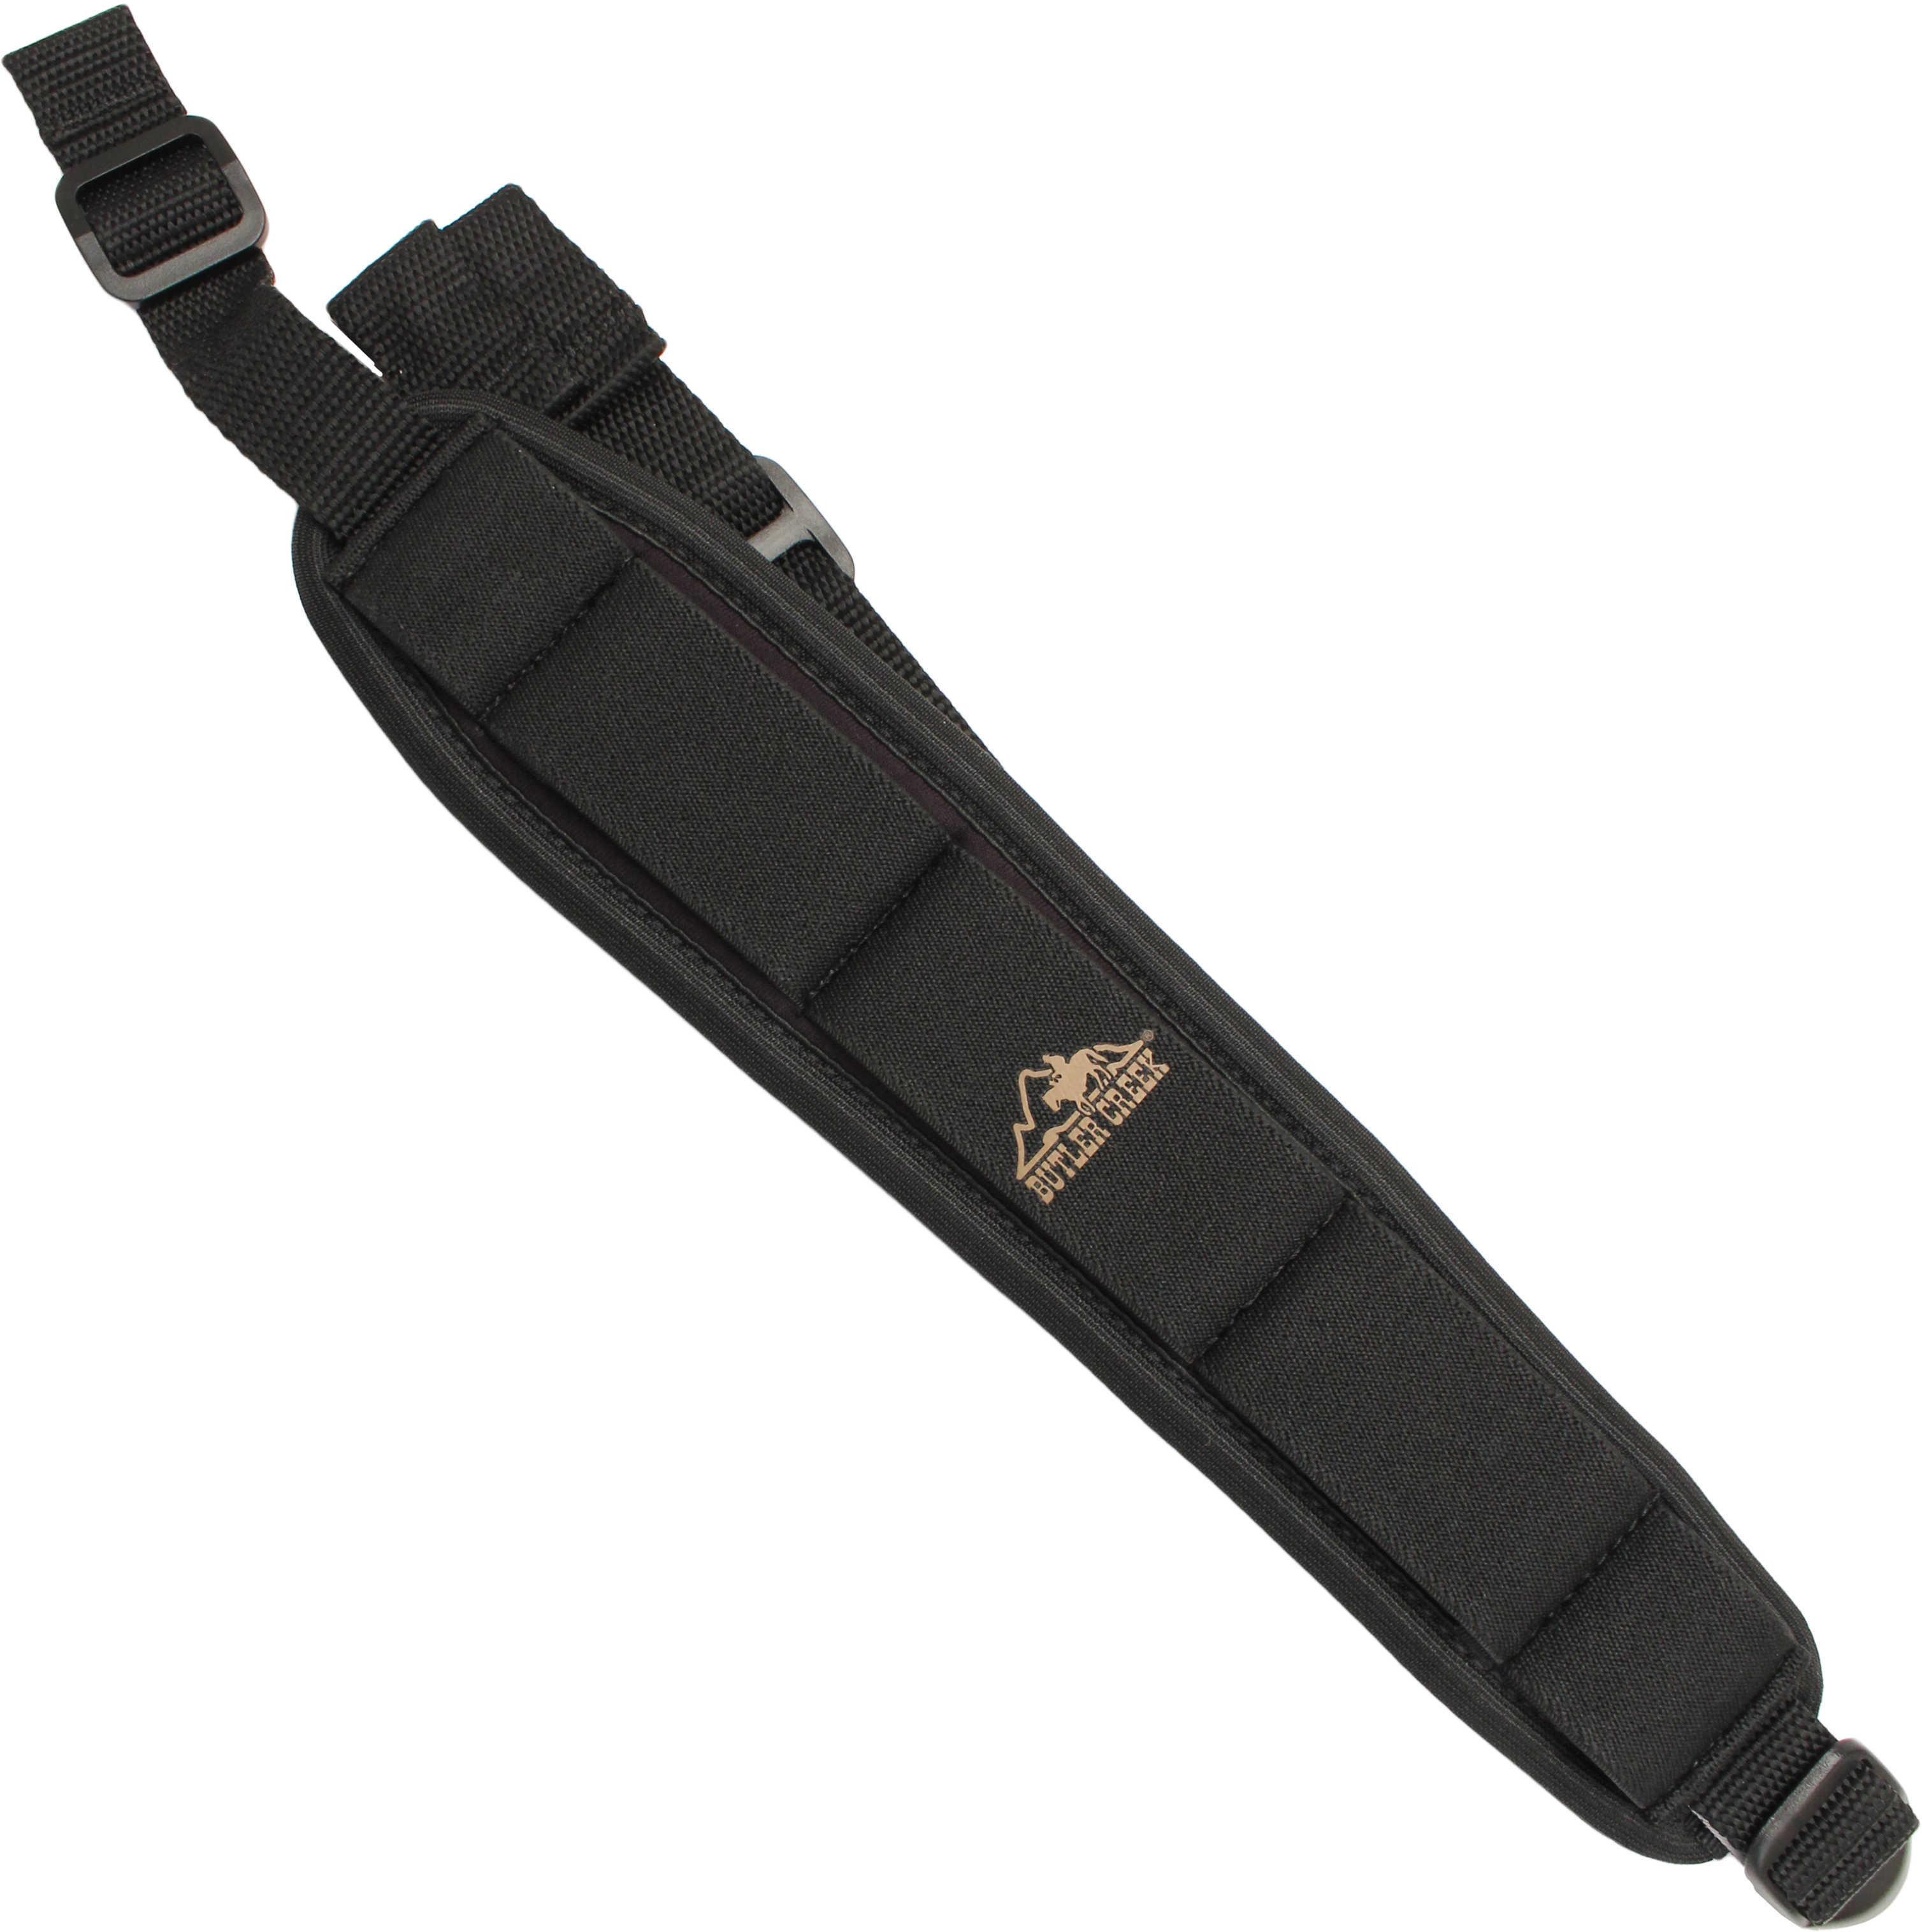 Butler Creek Rifle Sling Comfort Stretch, Black Md: 80013